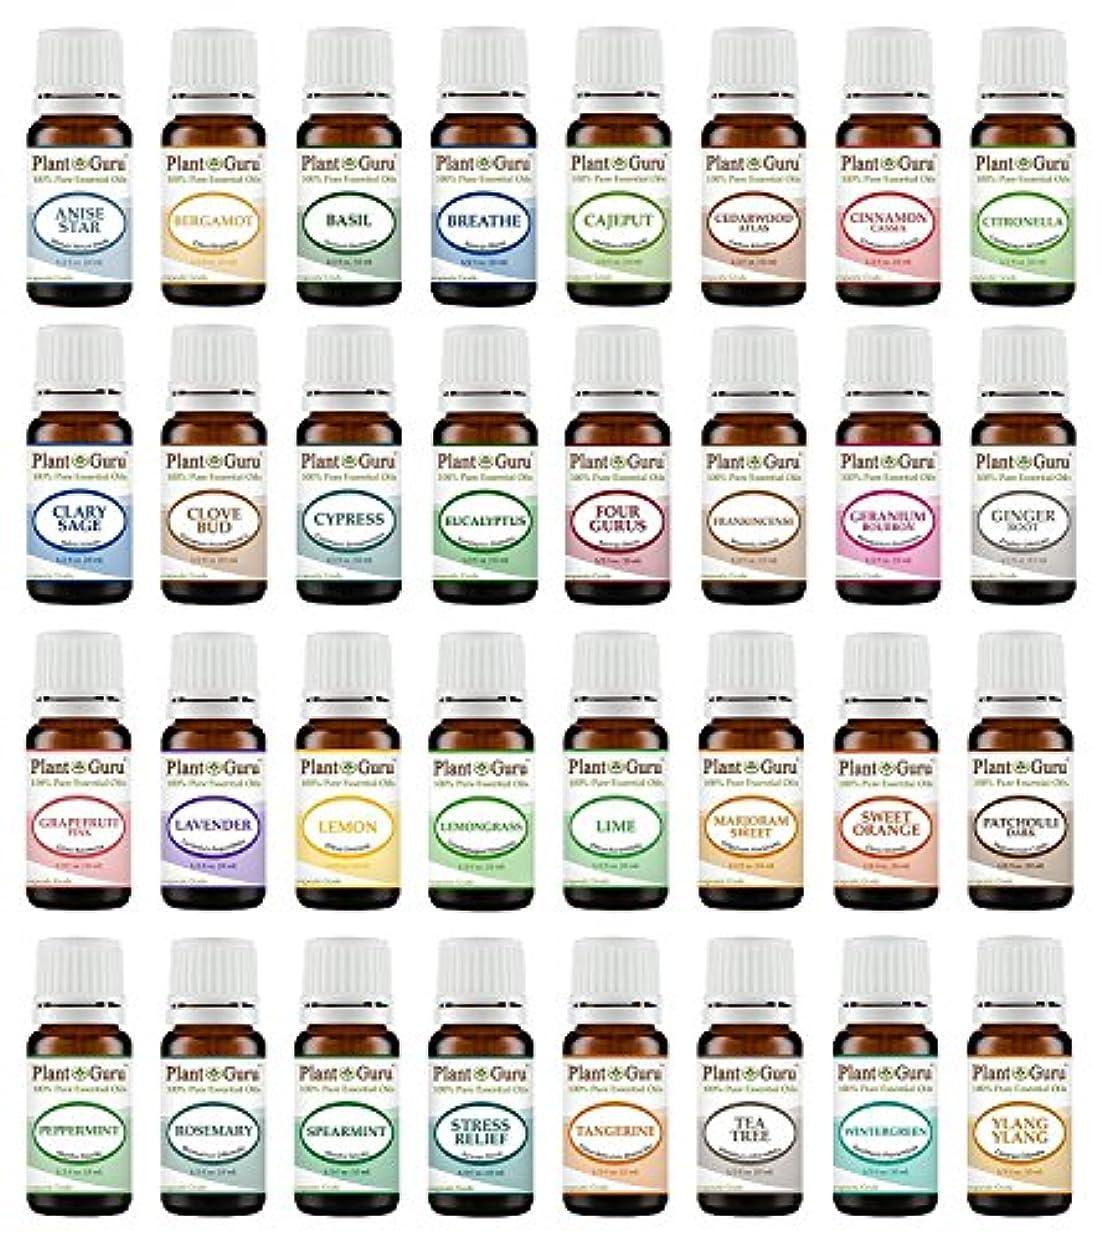 残忍なプレビスサイトオートマトンUltimate Essential Oil Variety Set - 32 Pack - 100% Pure Therapeutic Grade 10 ml. by Plant Guru